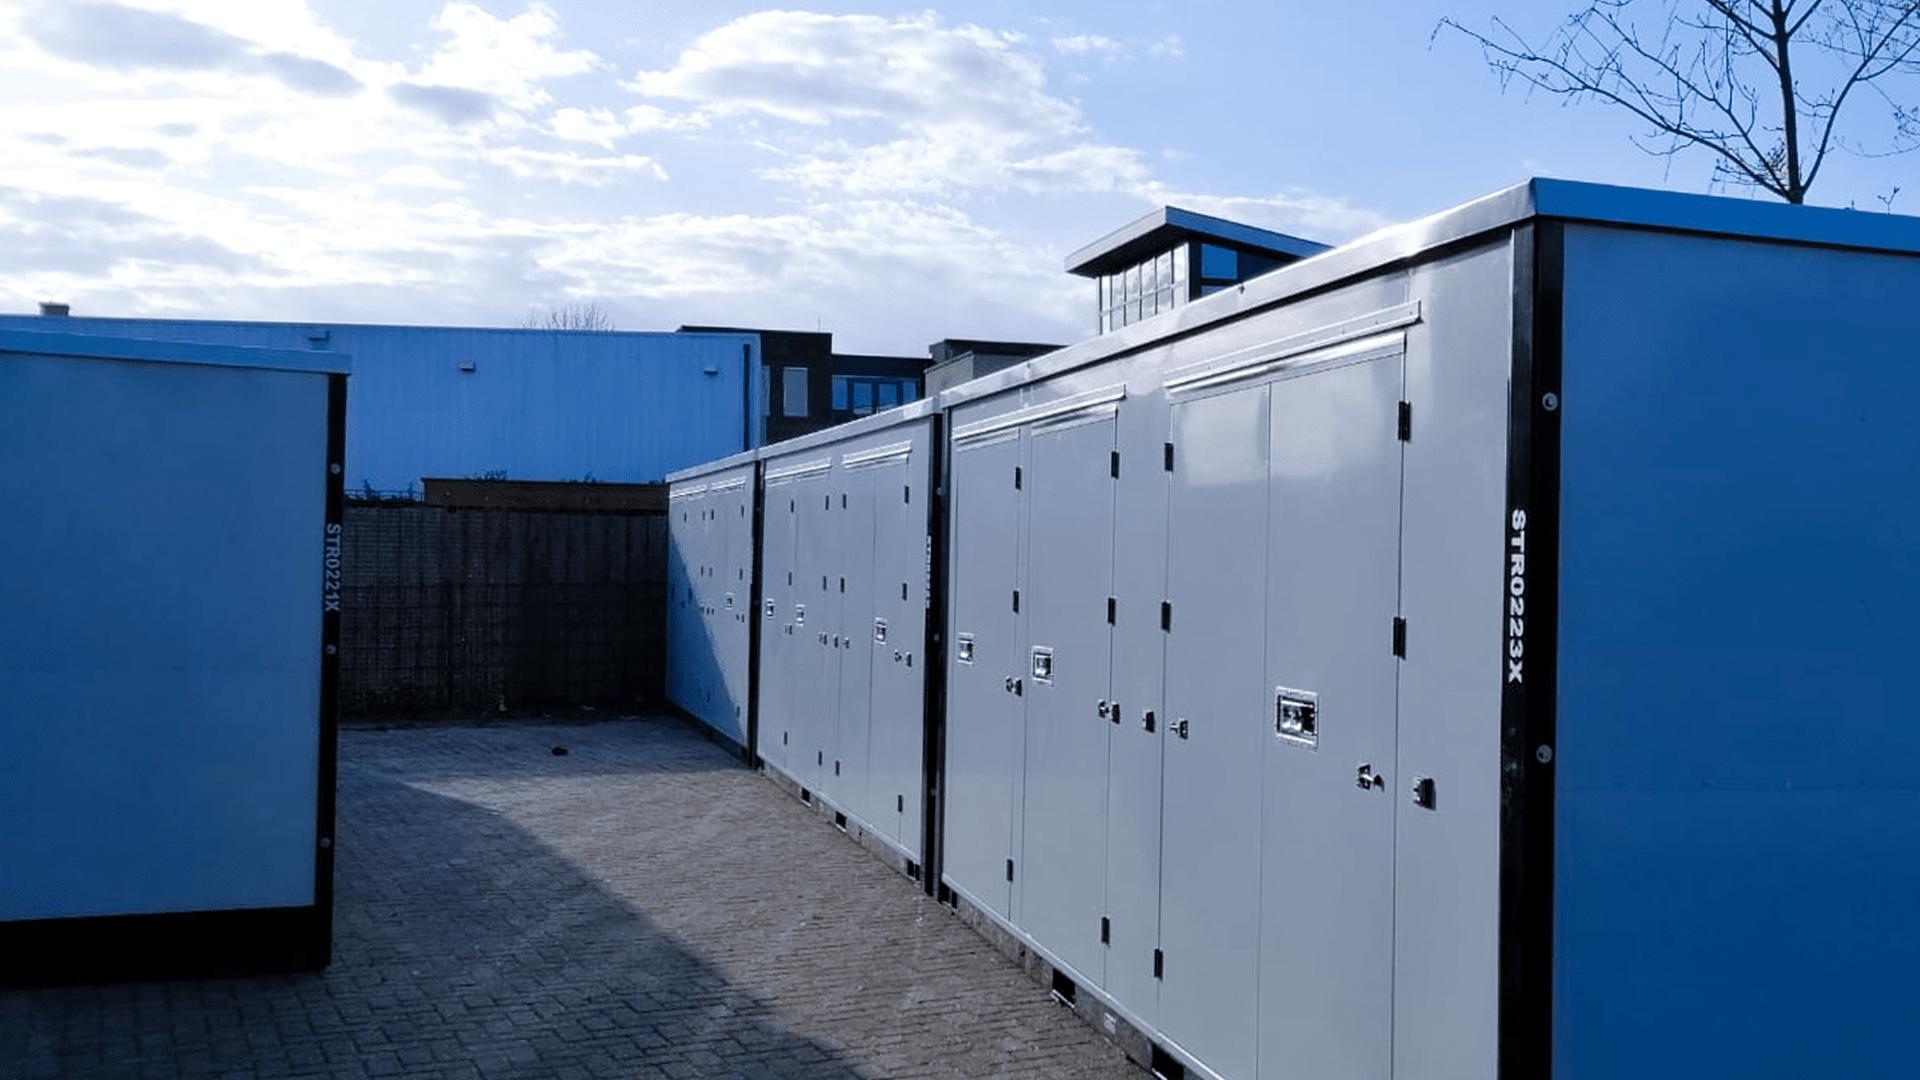 De-Lagerraum-Brummen-Self-Storage-Park-Construction-Project